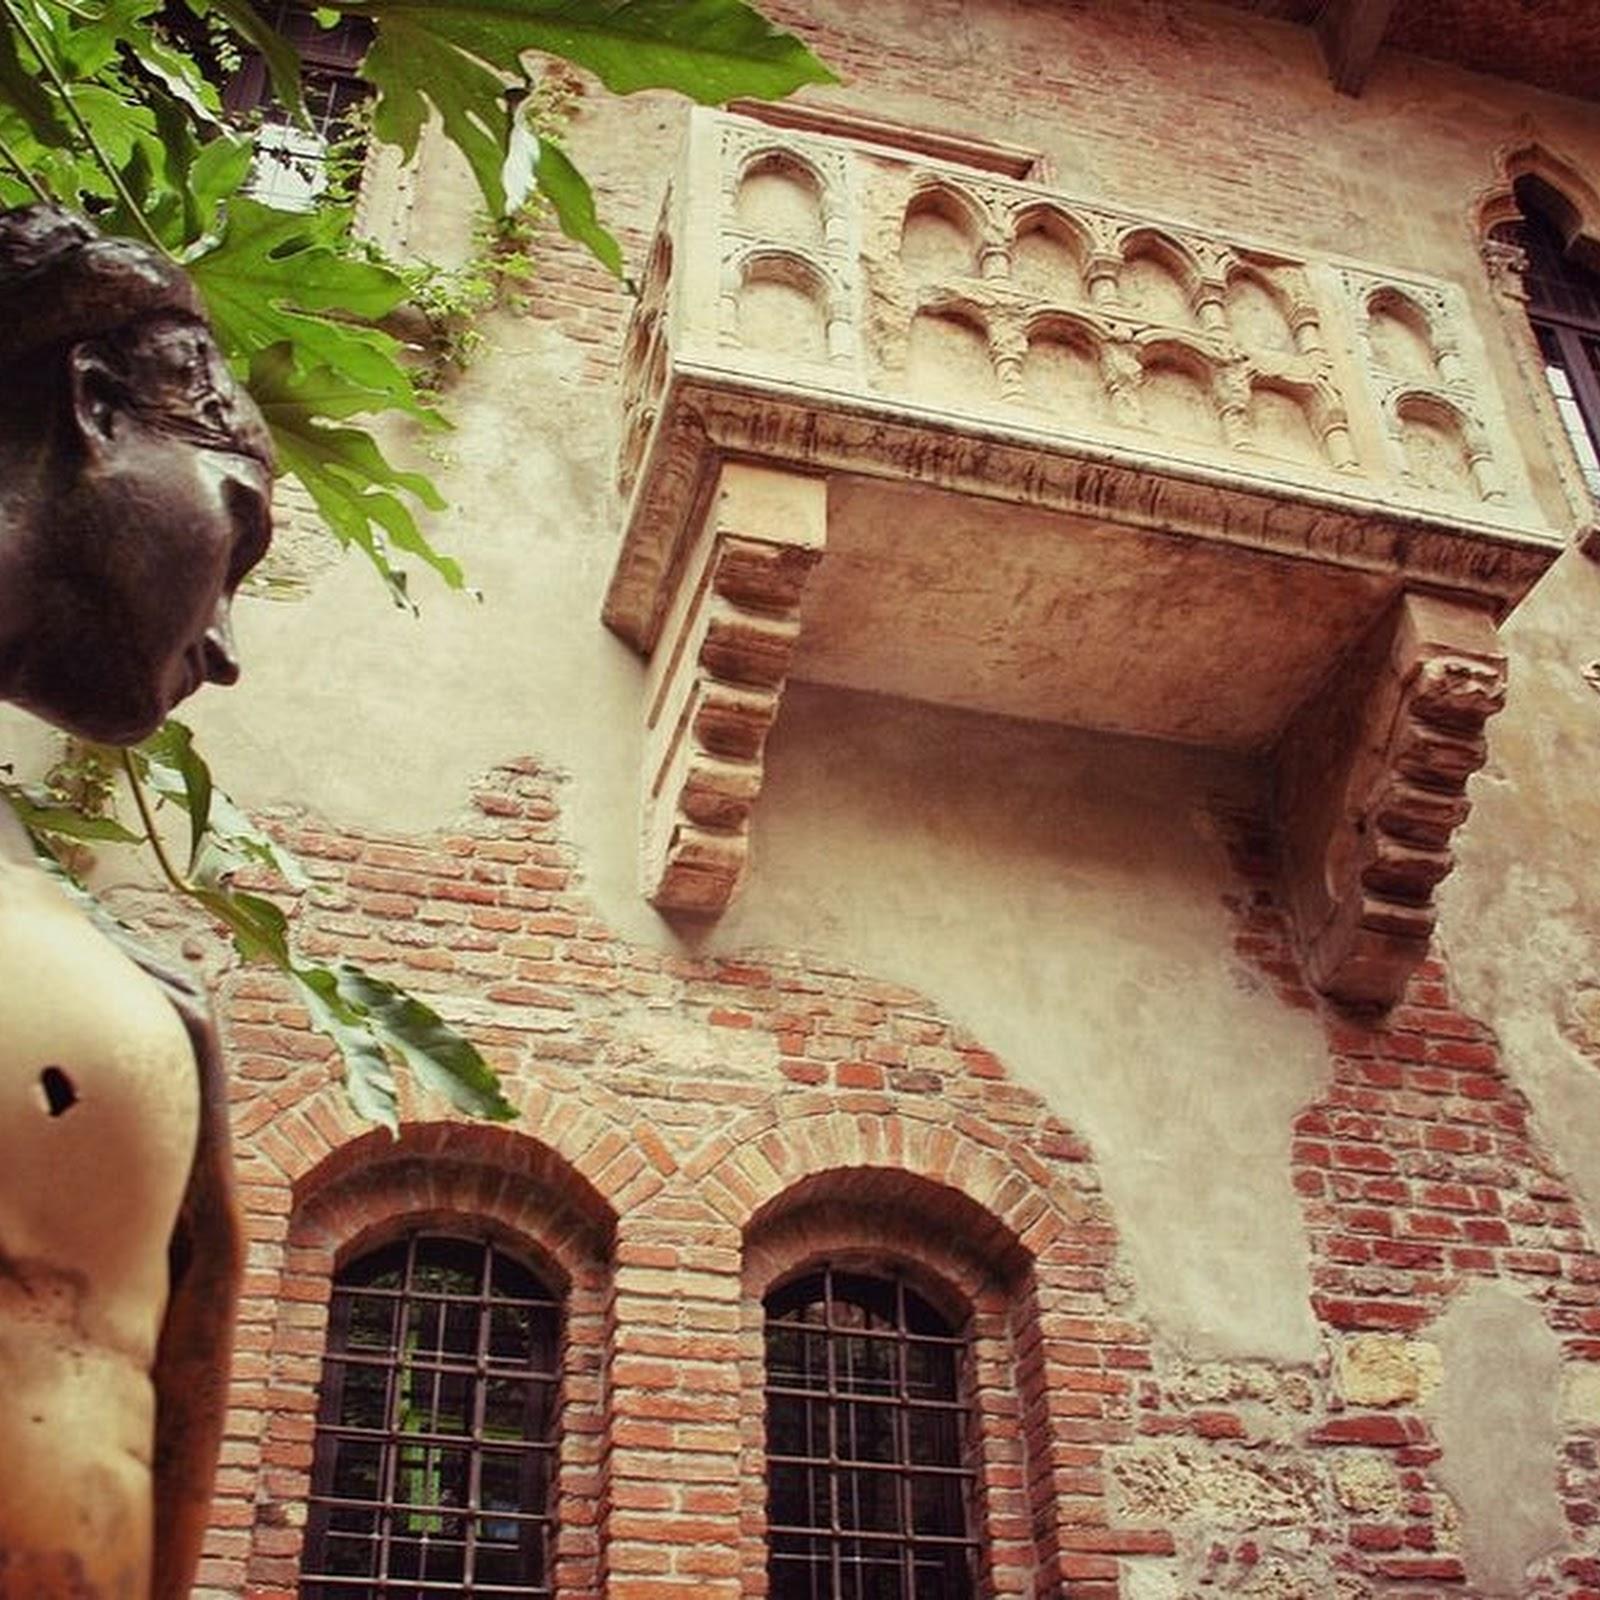 Casa di Giulietta: Juliet's House in Verona